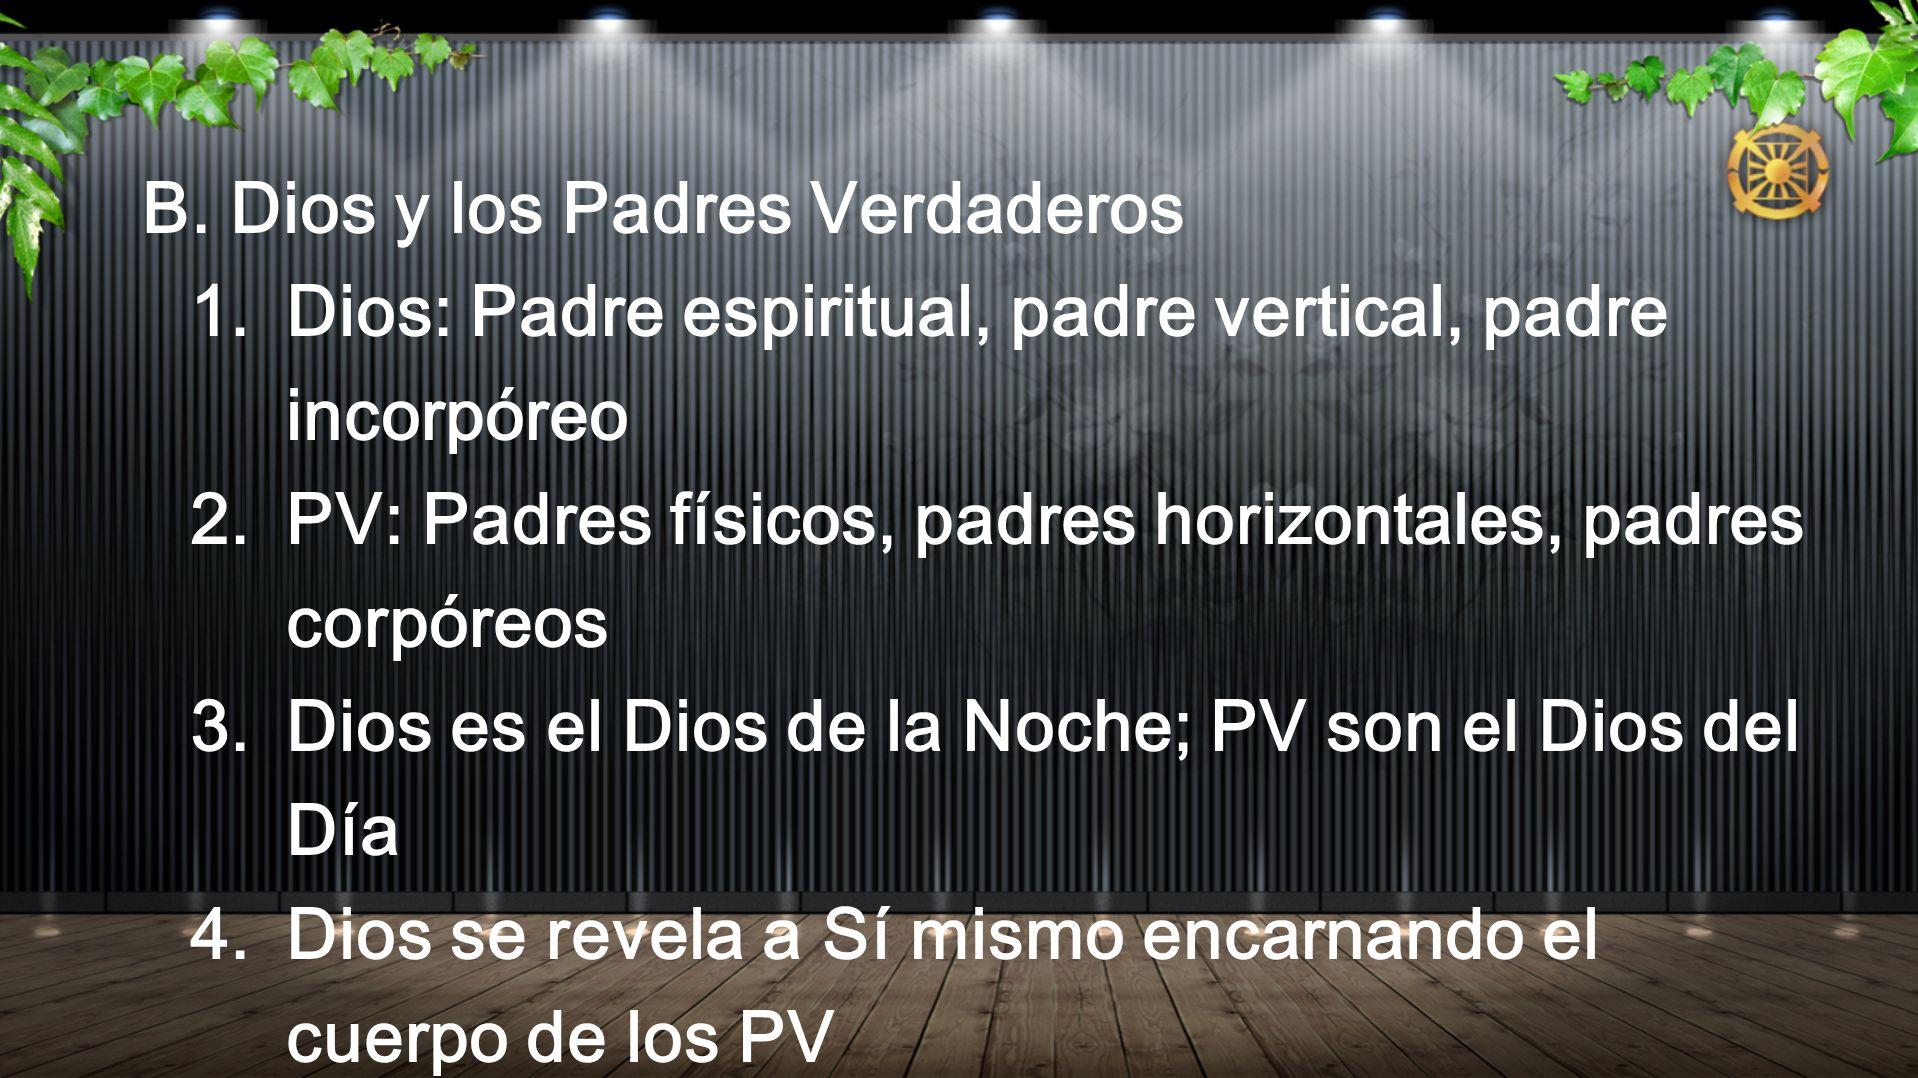 B. Dios y los Padres Verdaderos 1. Dios: Padre espiritual, padre vertical, padre incorpóreo 2. PV: Padres físicos, padres horizontales, padres corpóre